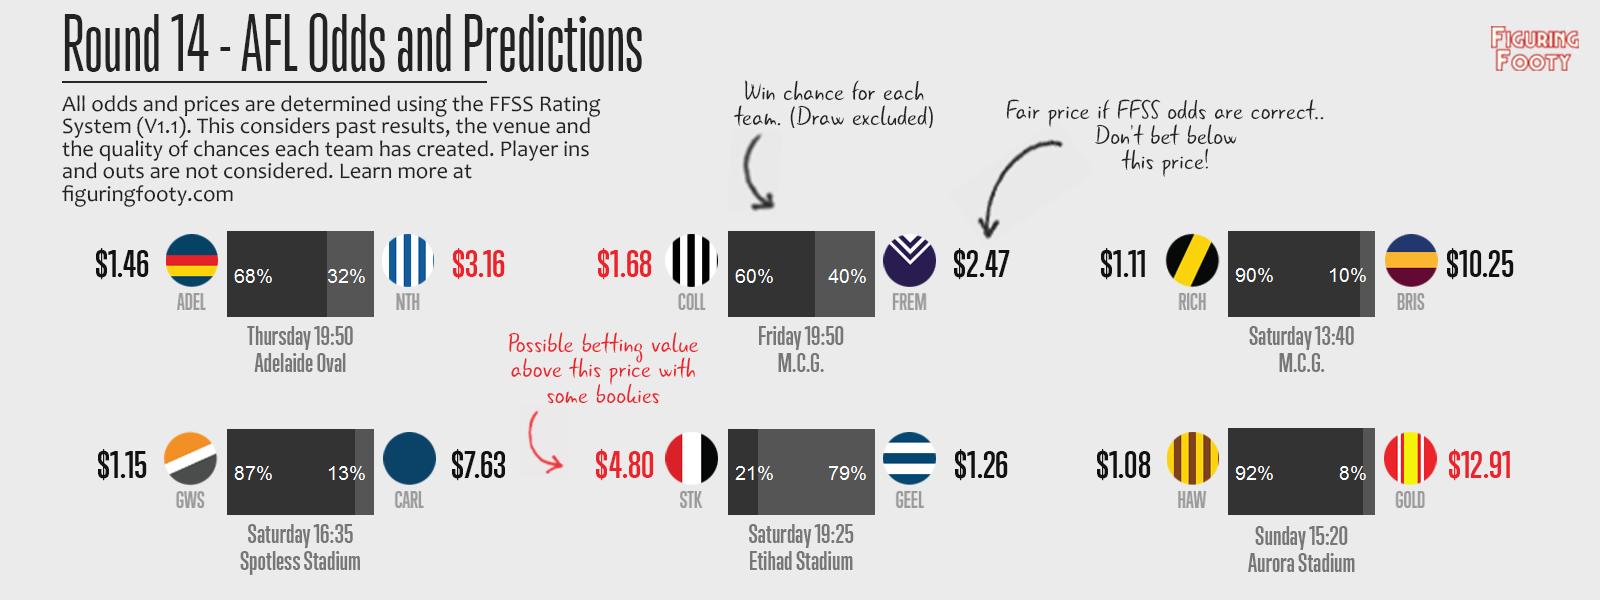 FFSS Round 14 Predictions